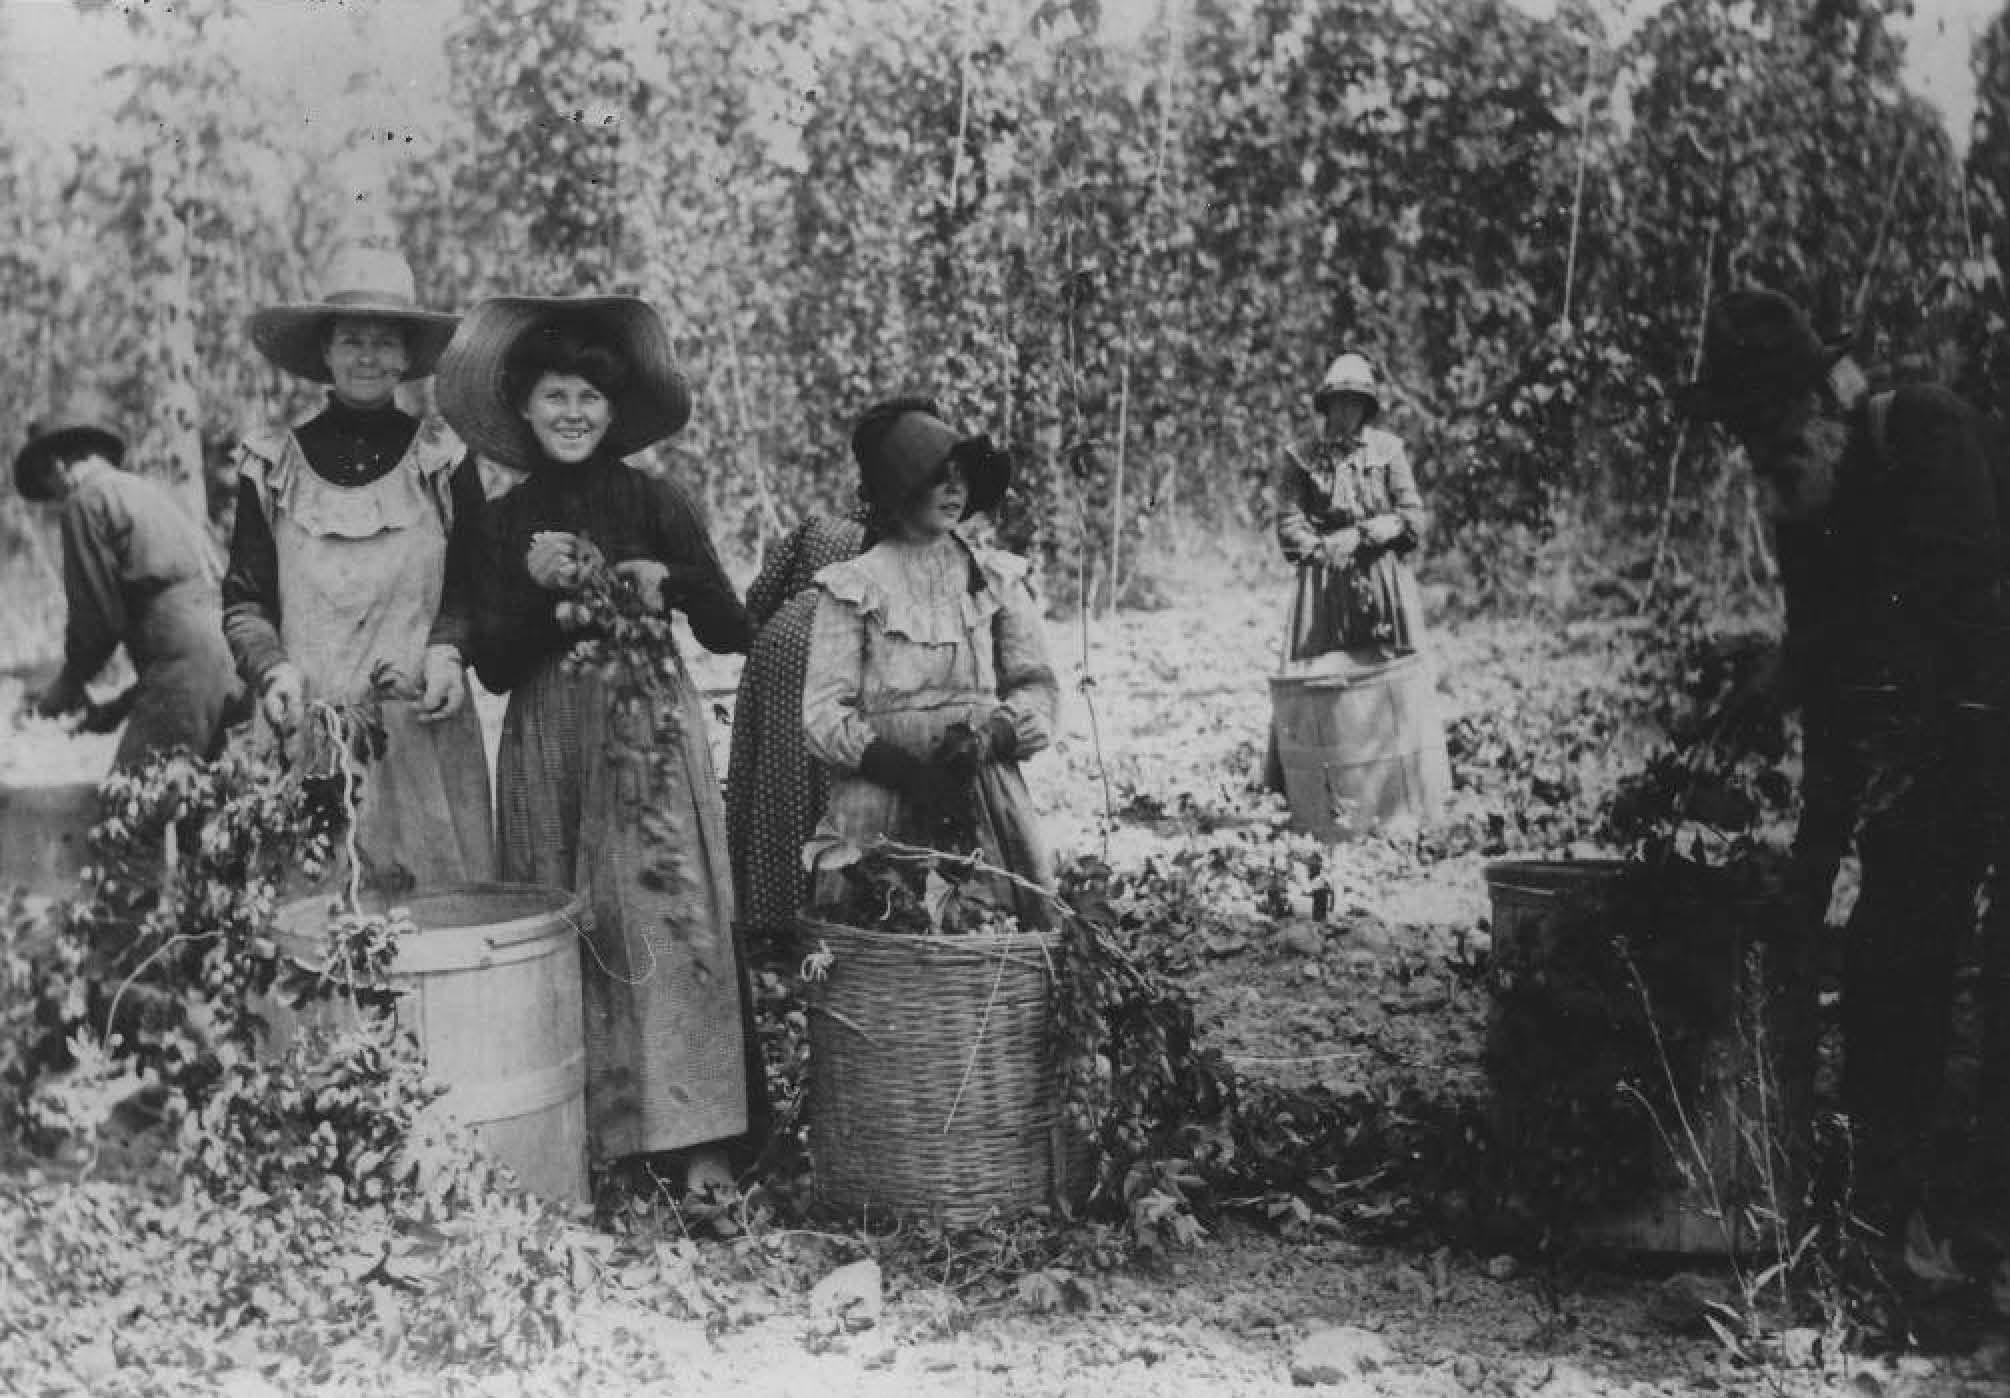 Women in Field 01-41[2]